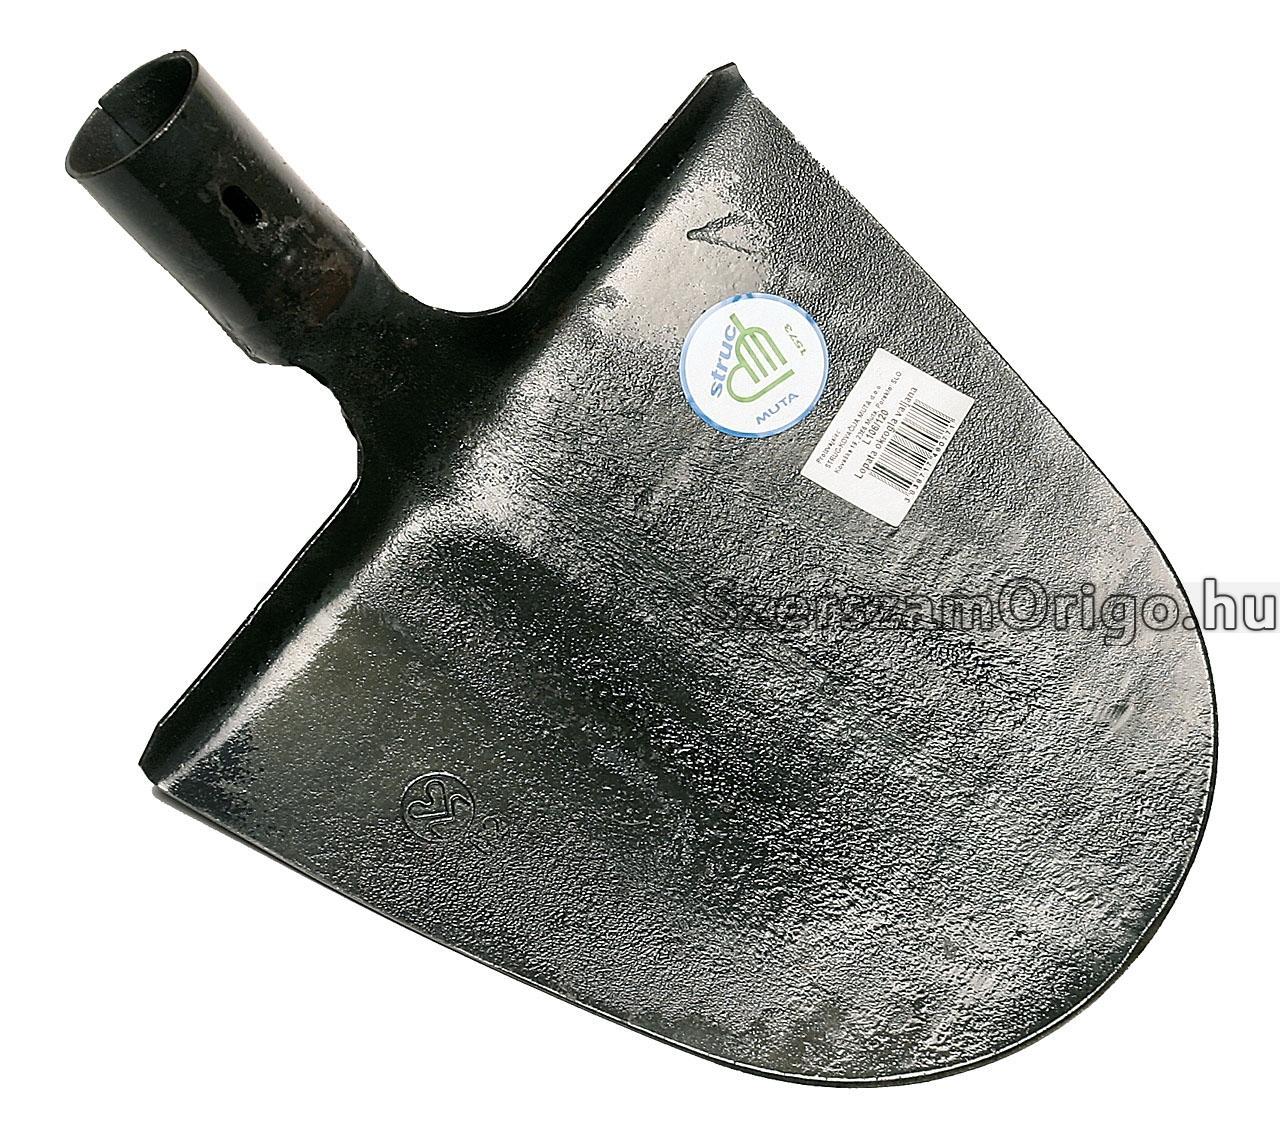 lapát - földhányó, kovácsolt, hajlított nyéllel